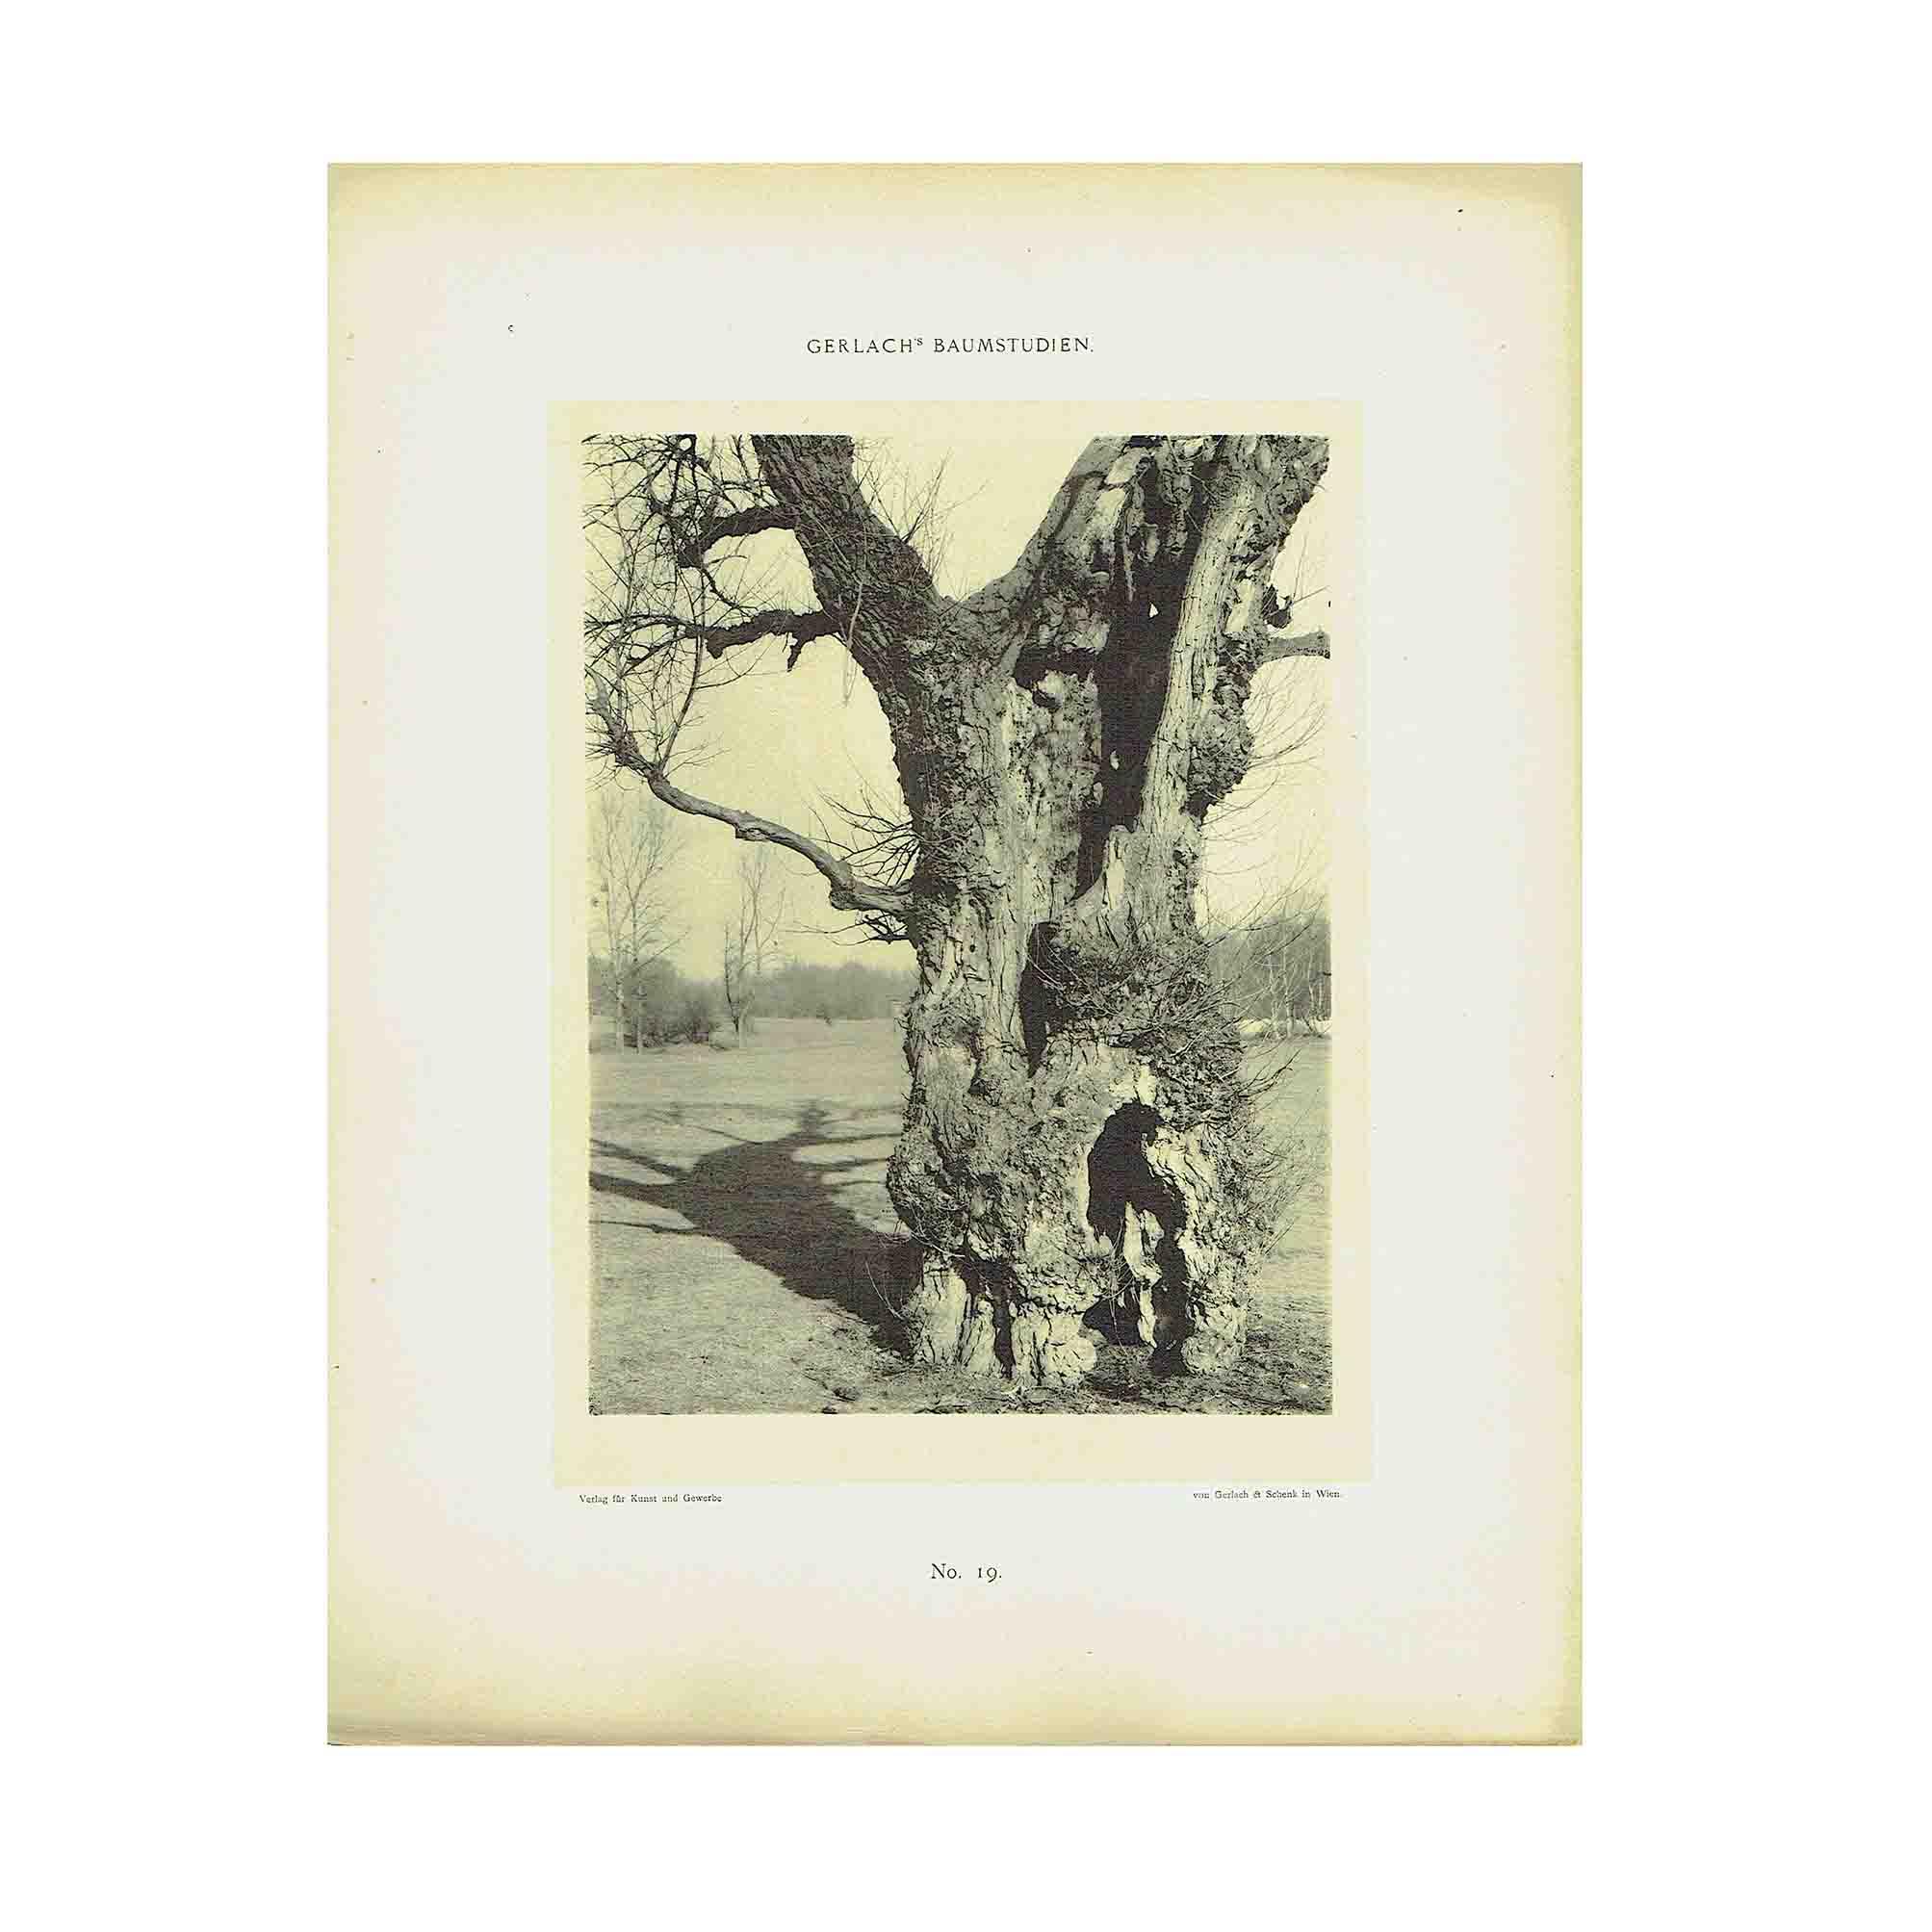 5590-Gerlach-Baumstudien-1900-Tafel-19-N.jpg